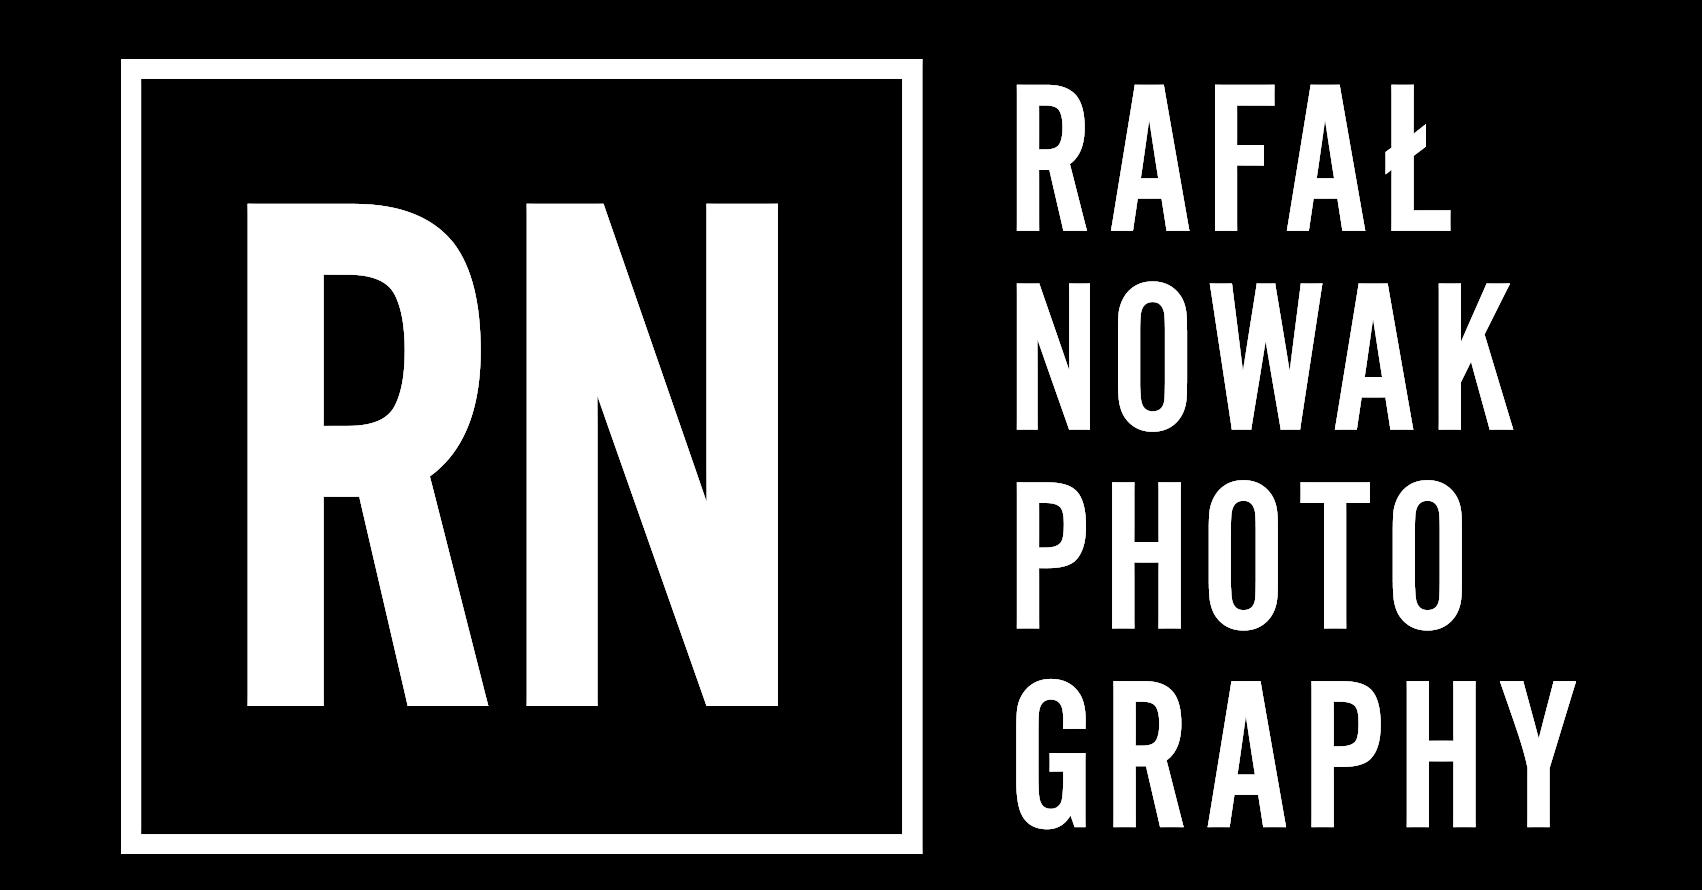 Rafał Nowak Photography